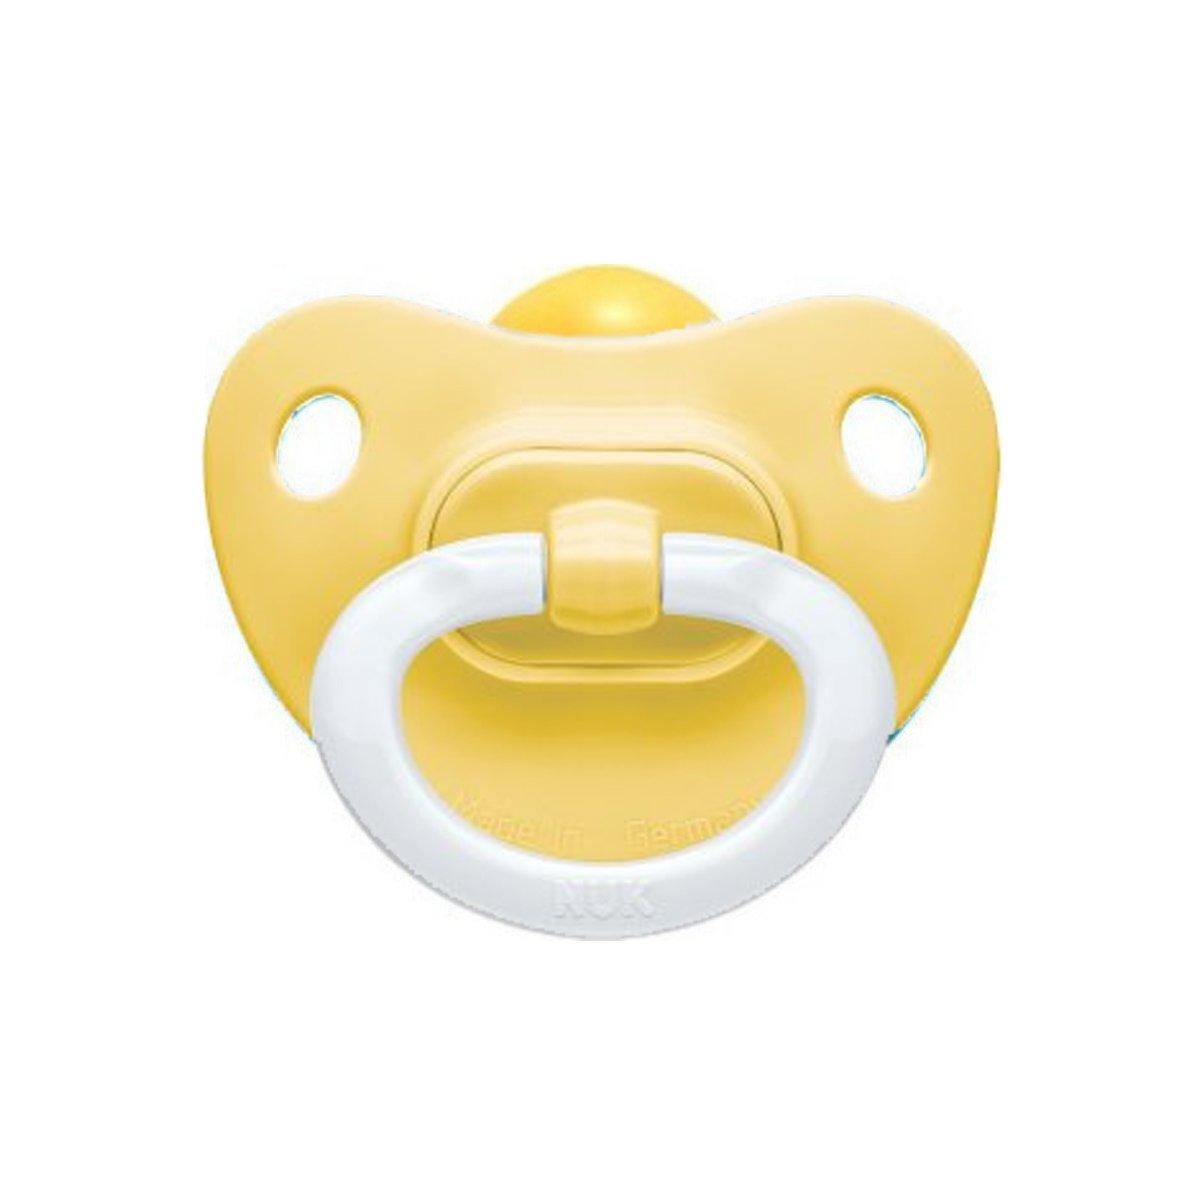 Nuk Classic Soft Πιπίλα Καουτσούκ 1 Τεμάχιο – 18-36 Μηνών Κίτρινη